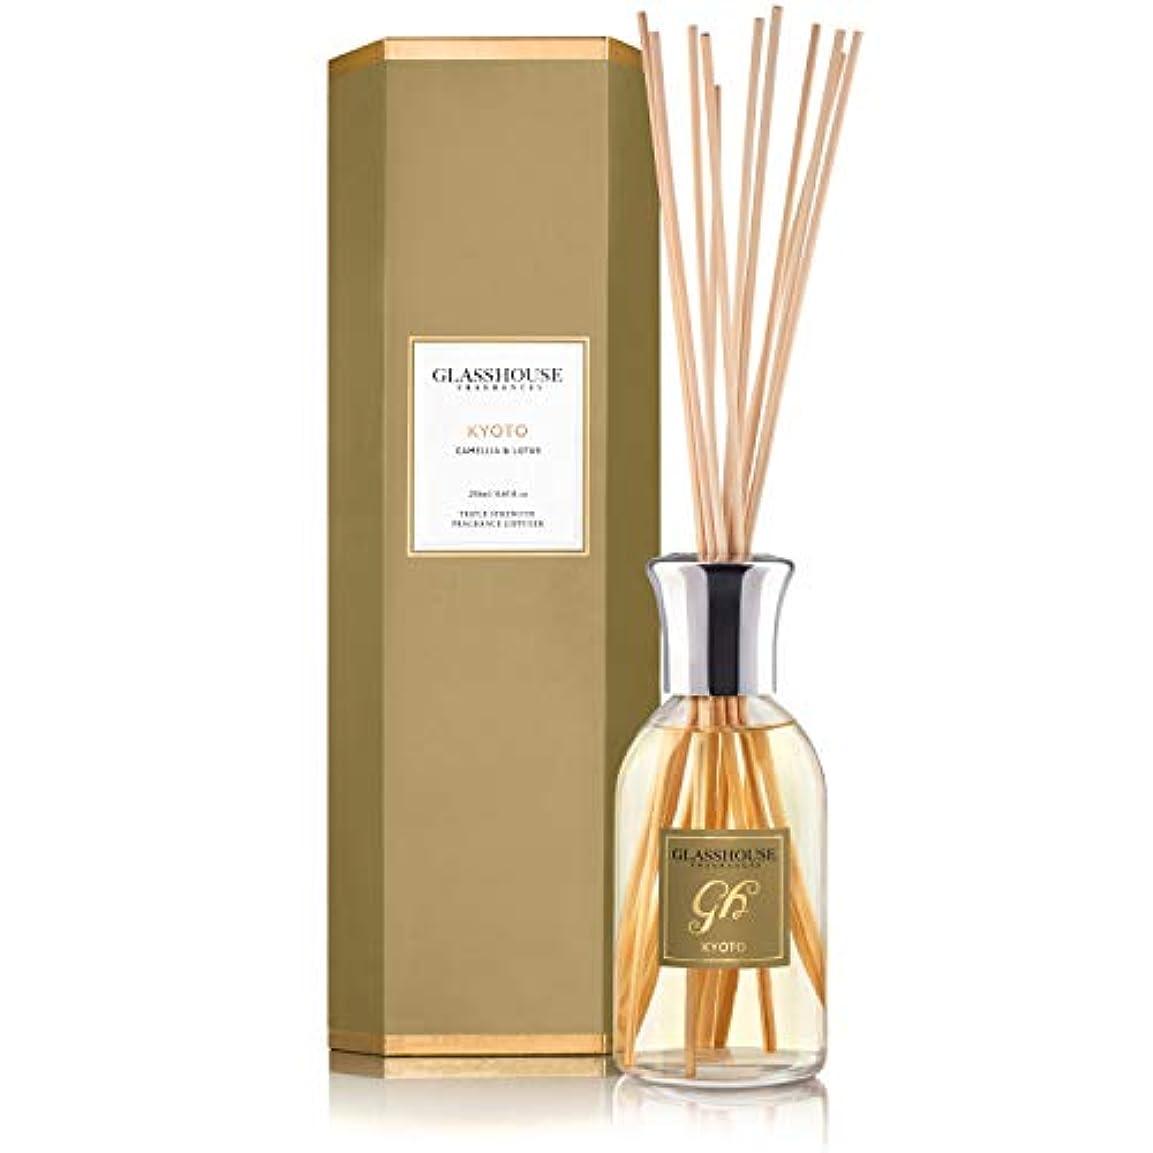 ゴネリル自己服を着るグラスハウス Triple Strength Fragrance Diffuser - Kyoto (Camellia & Lotus) 250ml/8.45oz並行輸入品